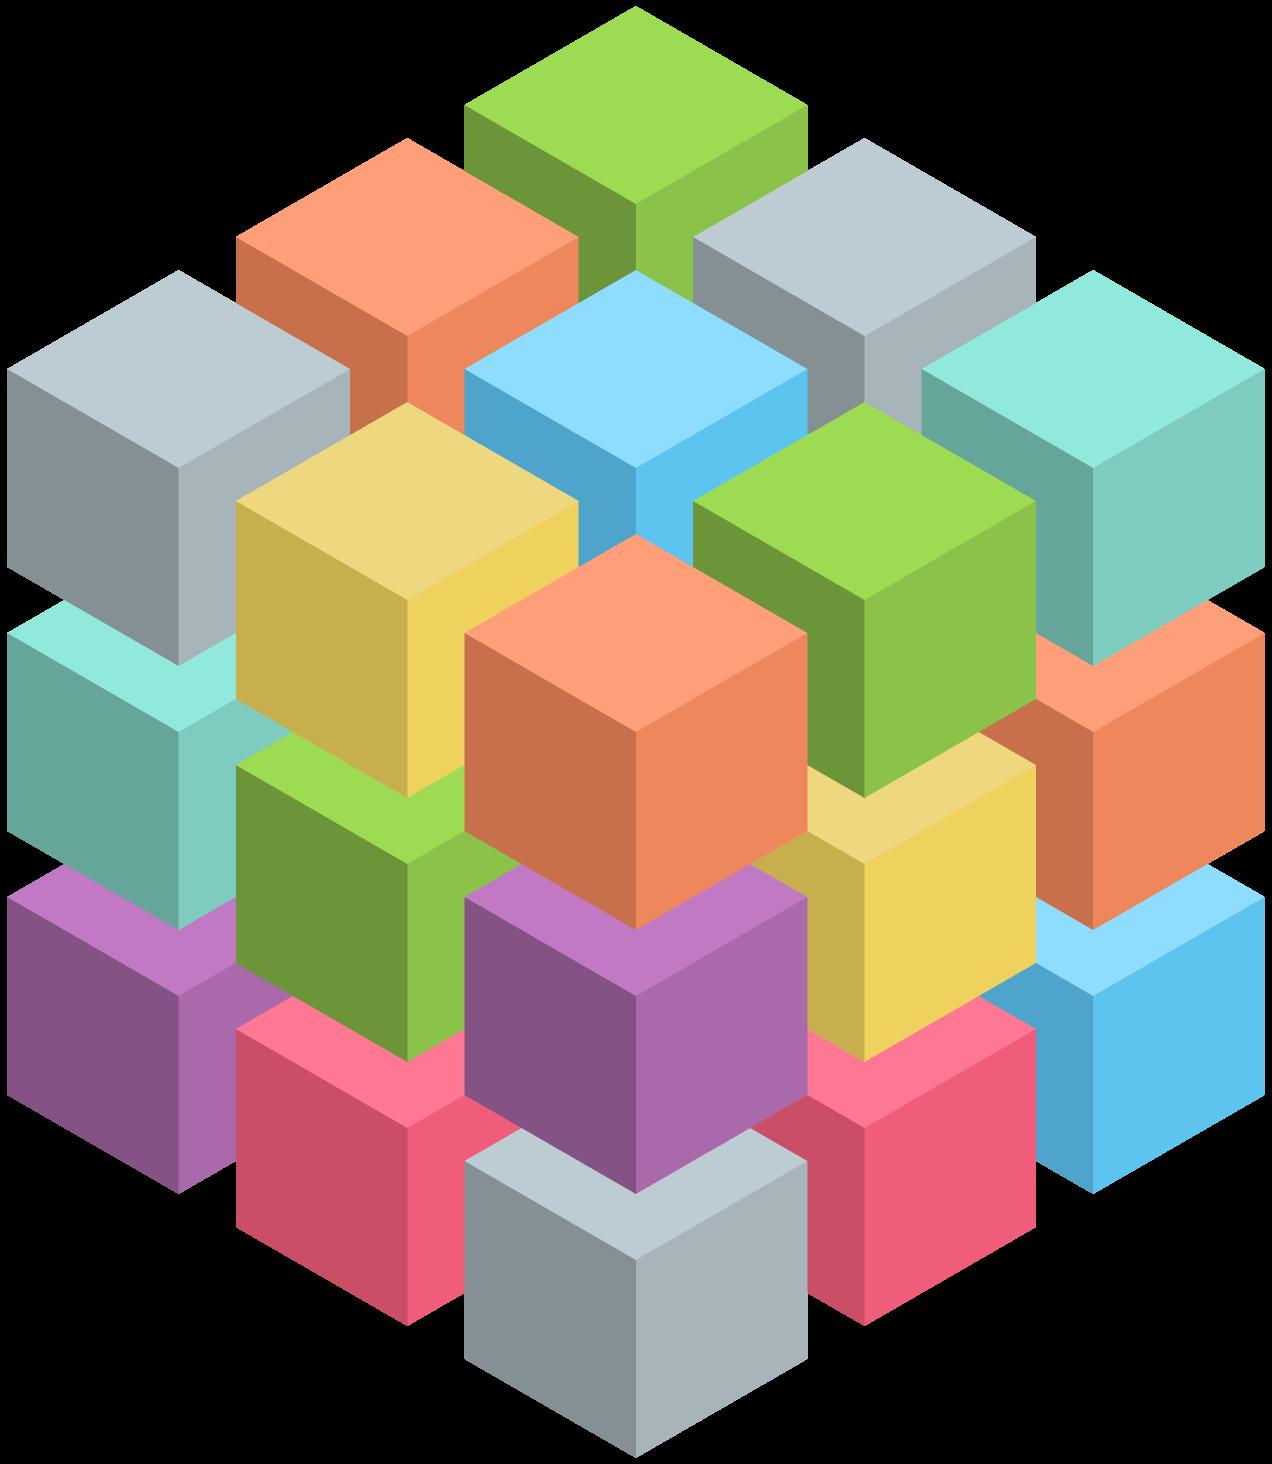 sunesis-cube